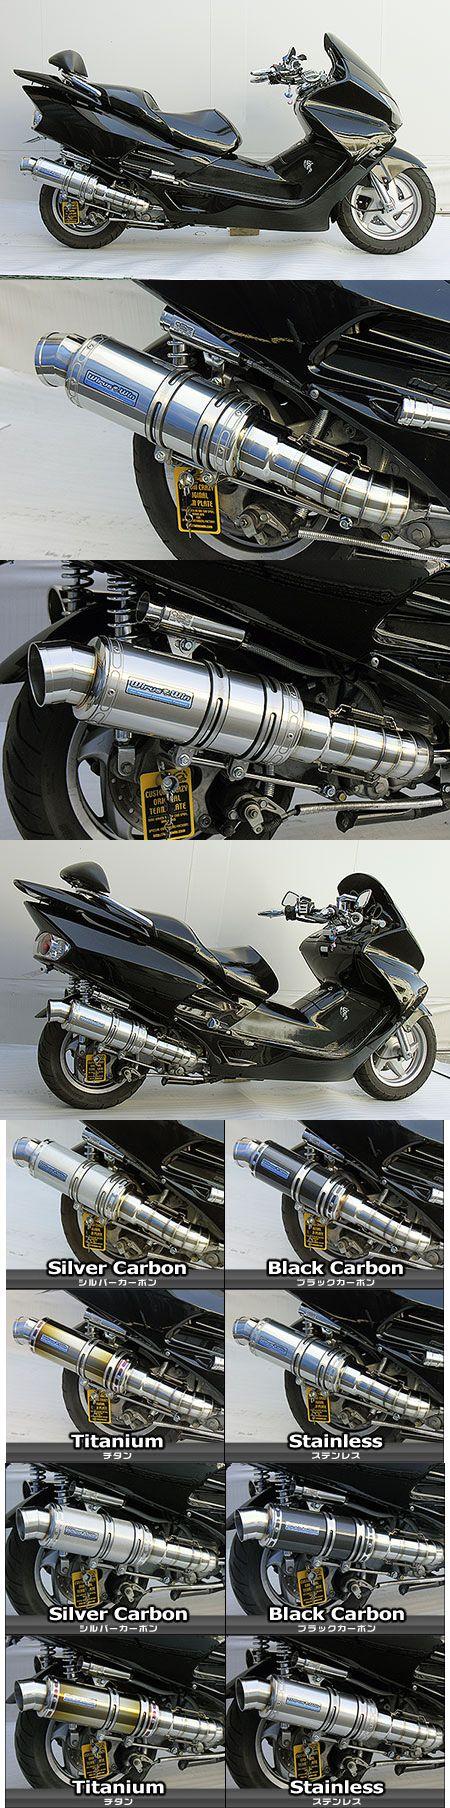 Premium全段排氣管 不鏽鋼款式 附觸媒 (排氣淨化觸媒)